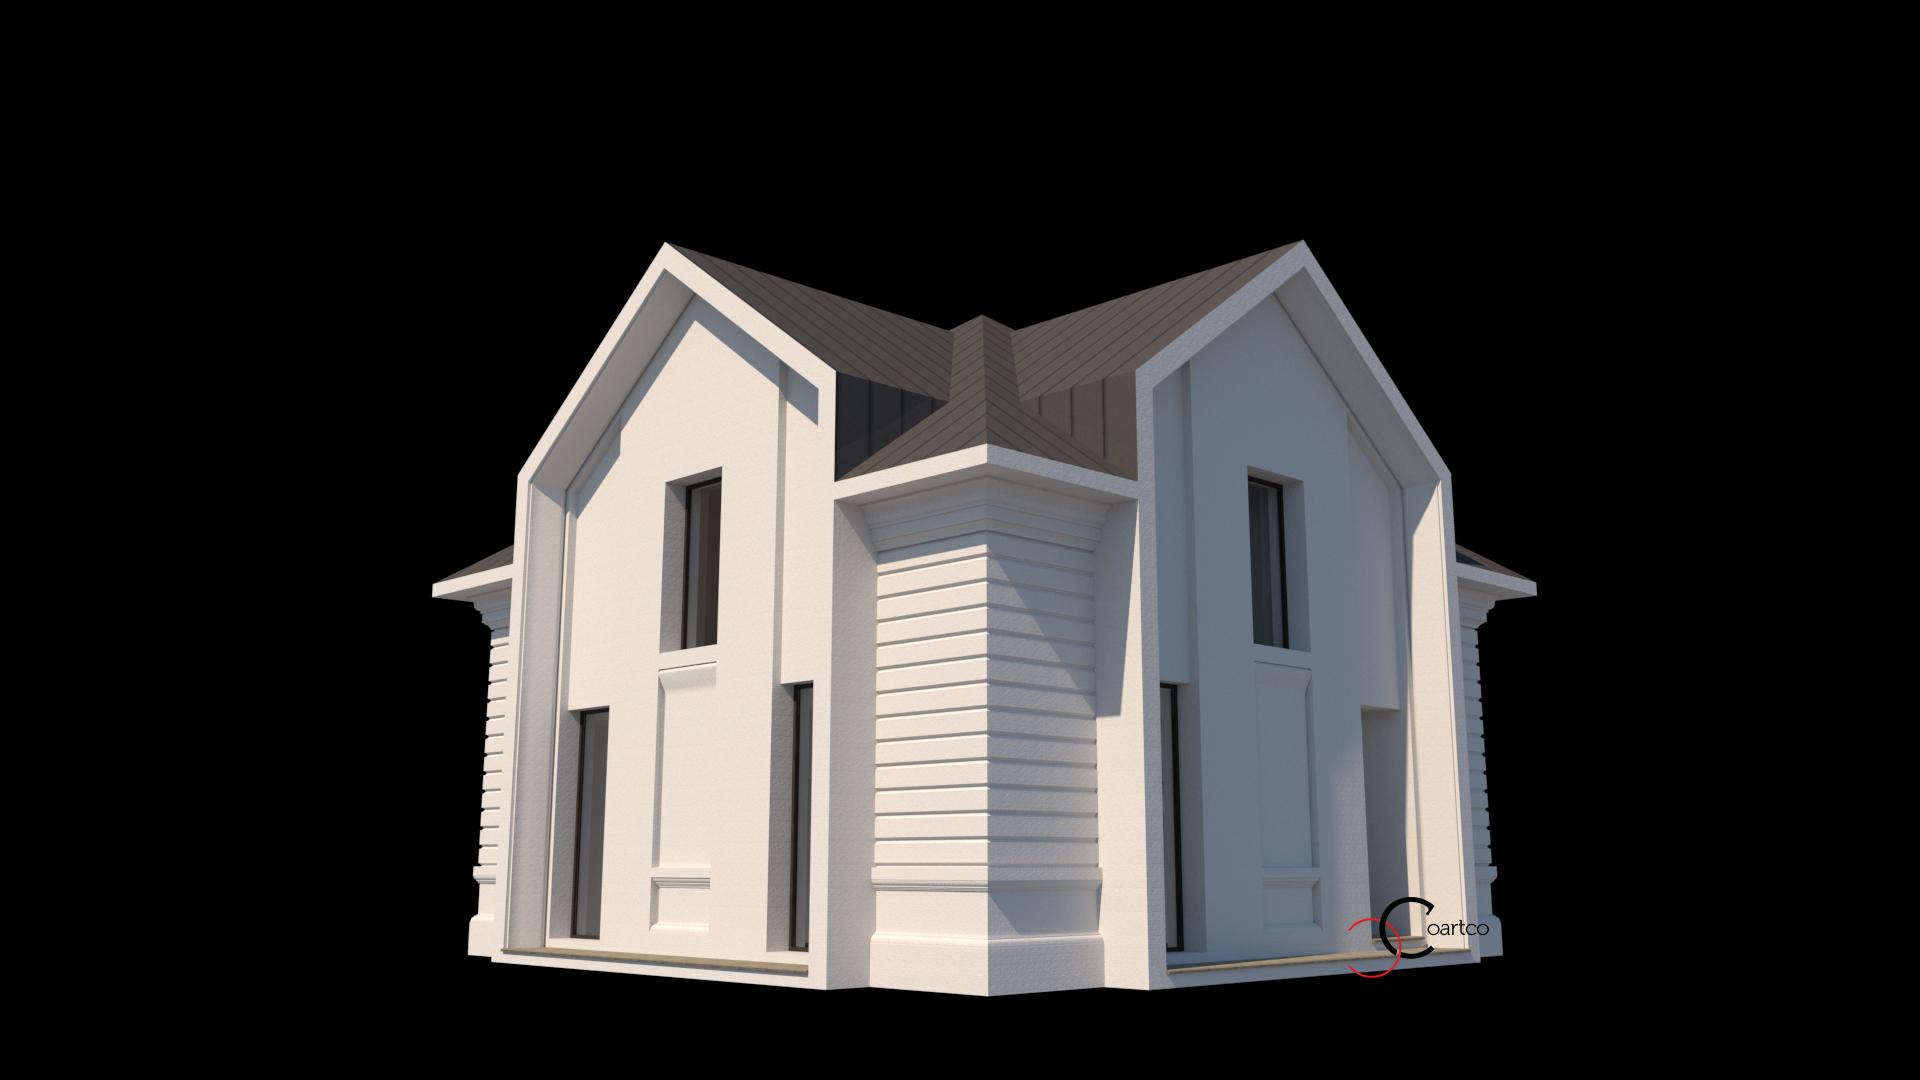 decoratiuni exterioare case poze idei fatada casa